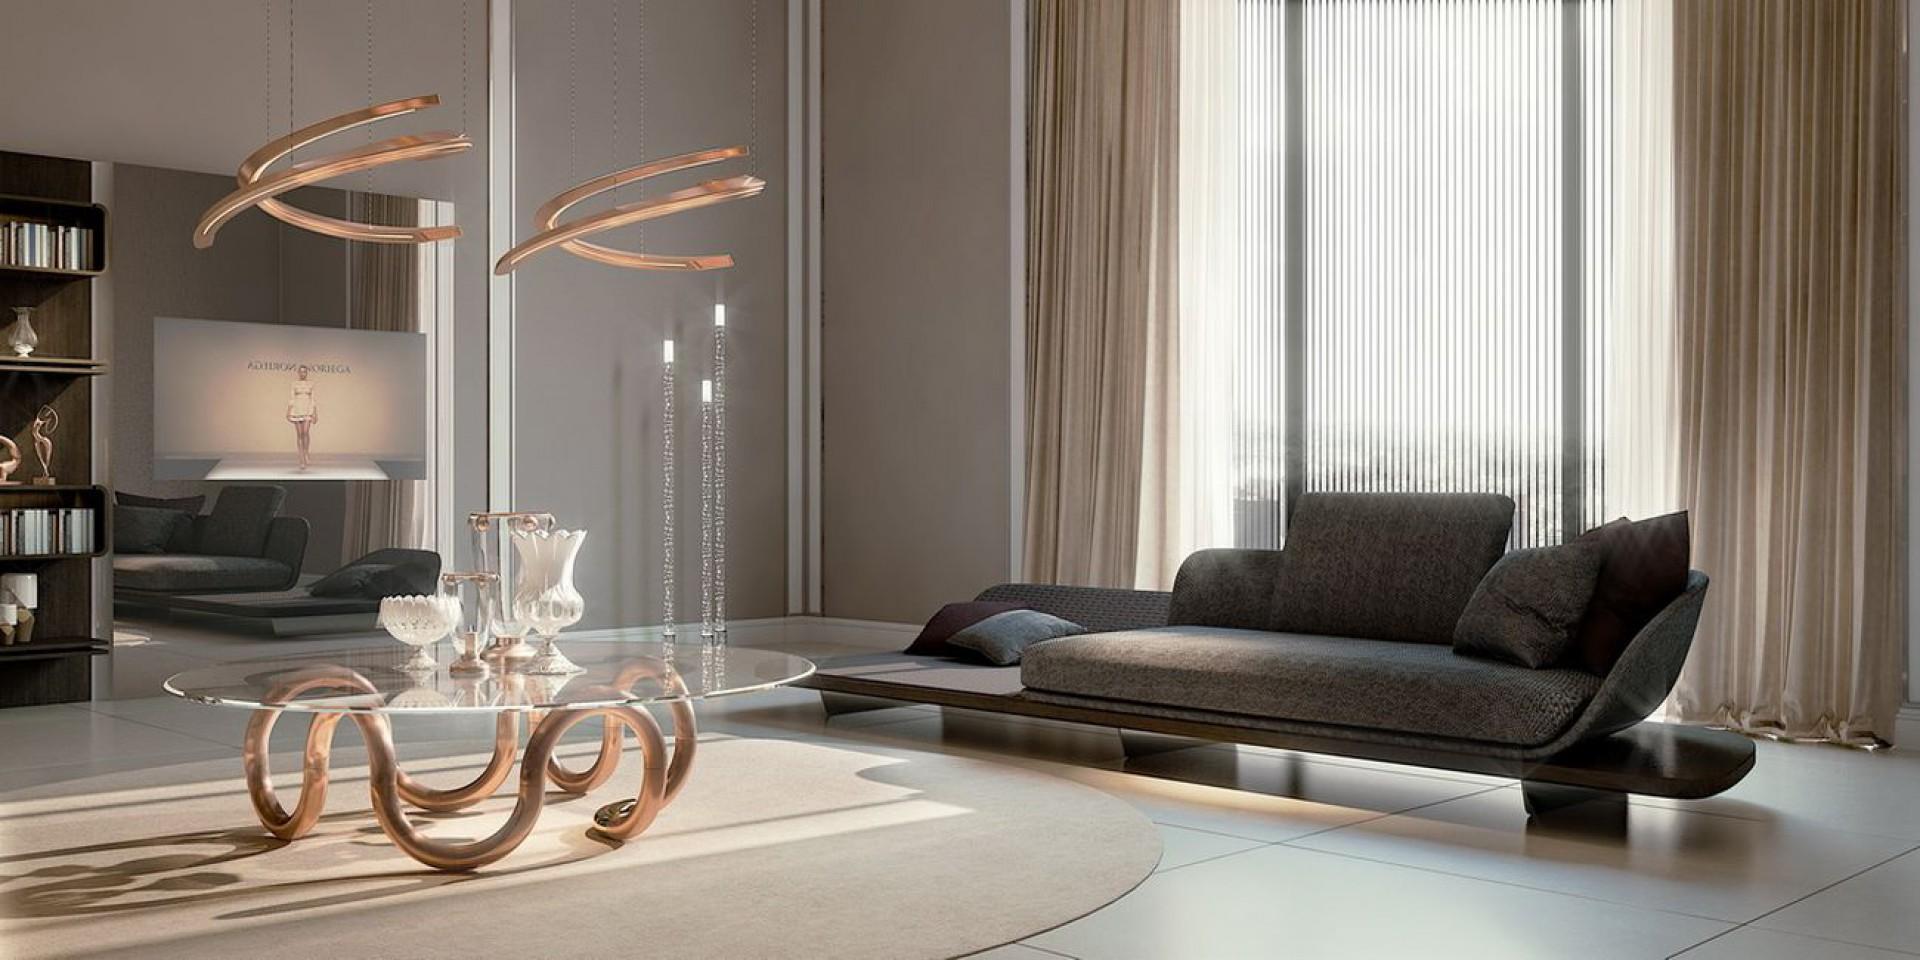 Sofa, stół oraz lampa z najnowszej kolekcji Pininfarina Segno marki Reflex. Fot. Galeria Mebli Hebansamą w sobie stanowią zręczne połączenia najróżniejszych materiałów, takich jak szlachetne drewno, skóra, miedź, marmur ze szkłem Murano oraz Mesh. Fot. Galeria Mebli Heban